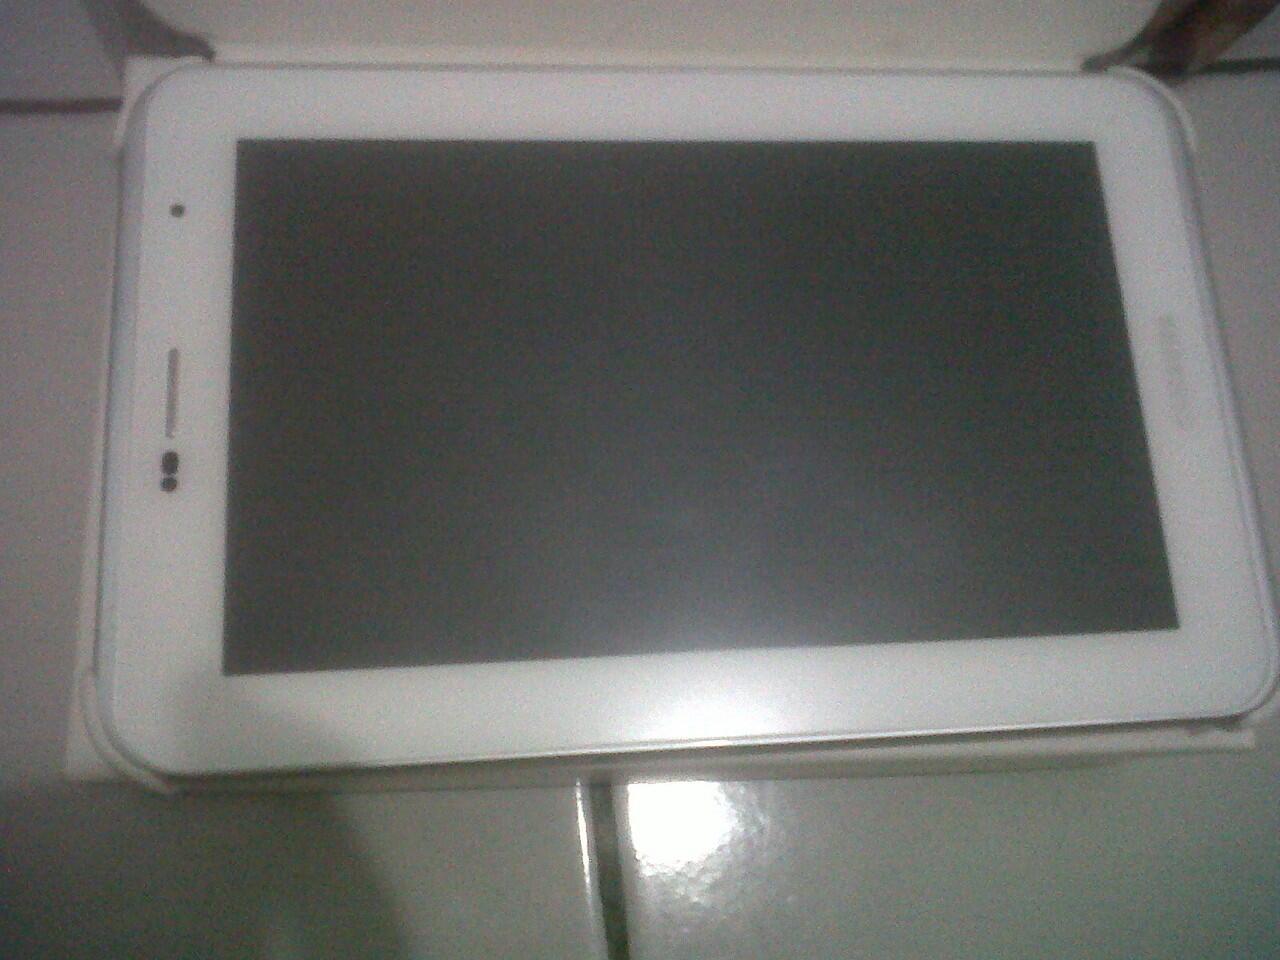 Samsung Galaxy Tab 2 7.0 Inch like new